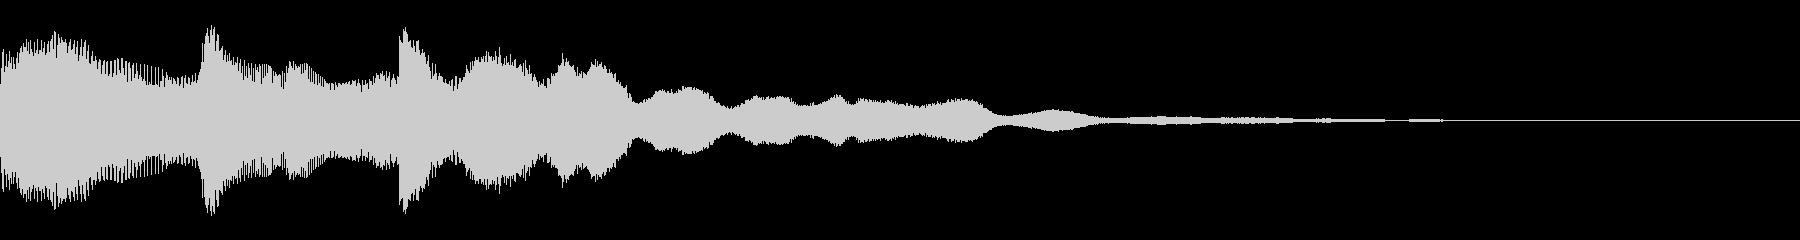 オープニング用サウンドロゴ67の未再生の波形